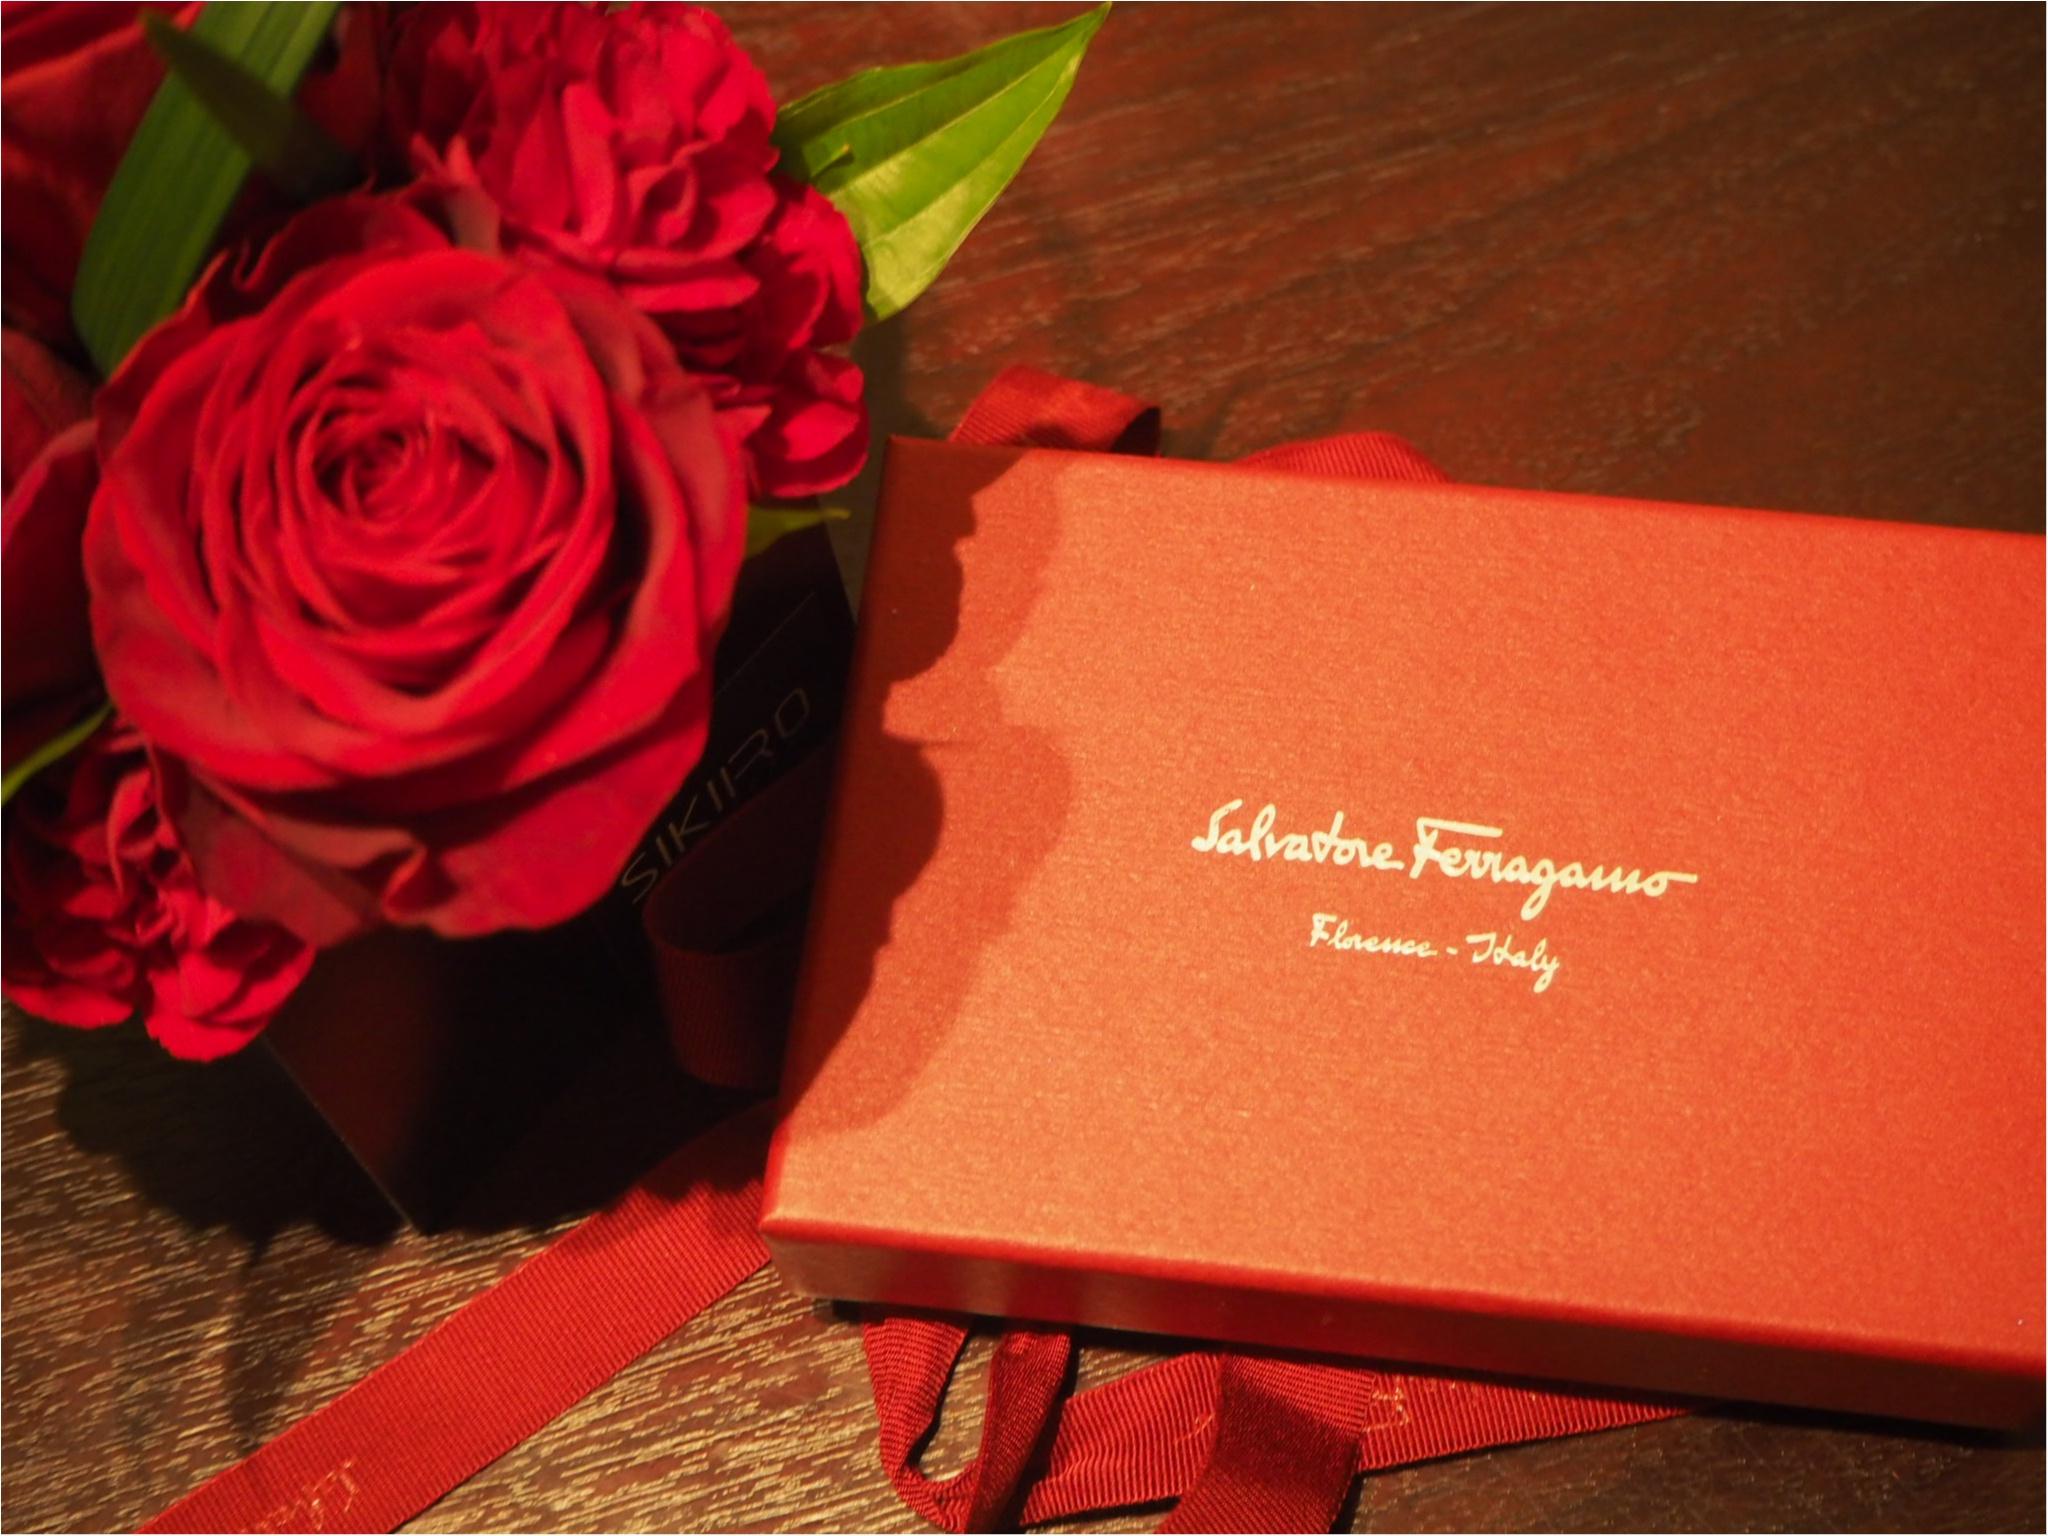 自分へのご褒美は「Salvtore Ferragamo(サルヴァトーレフェラガモ)」のミニ財布をお迎えしました!_1